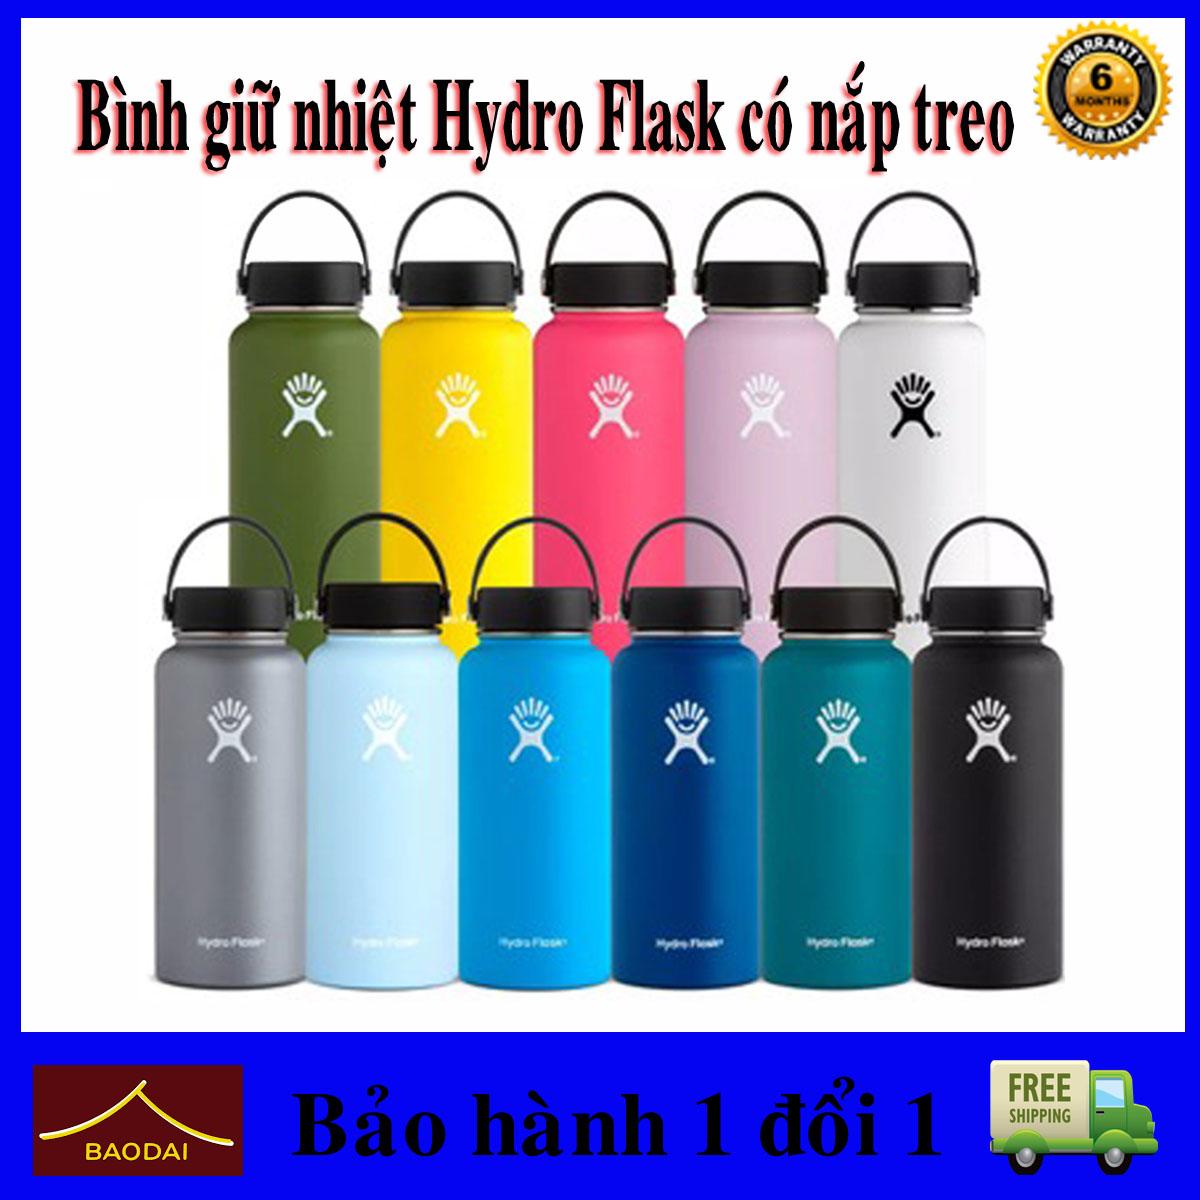 Bình Giữ Nhiệt Hydro Flask Bình Giữ Nhiệt Chân Không Thép Không Gỉ Di Động Ngoài Trời Nước Thể Thao.shop Baodaik Giá Siêu Cạnh Tranh